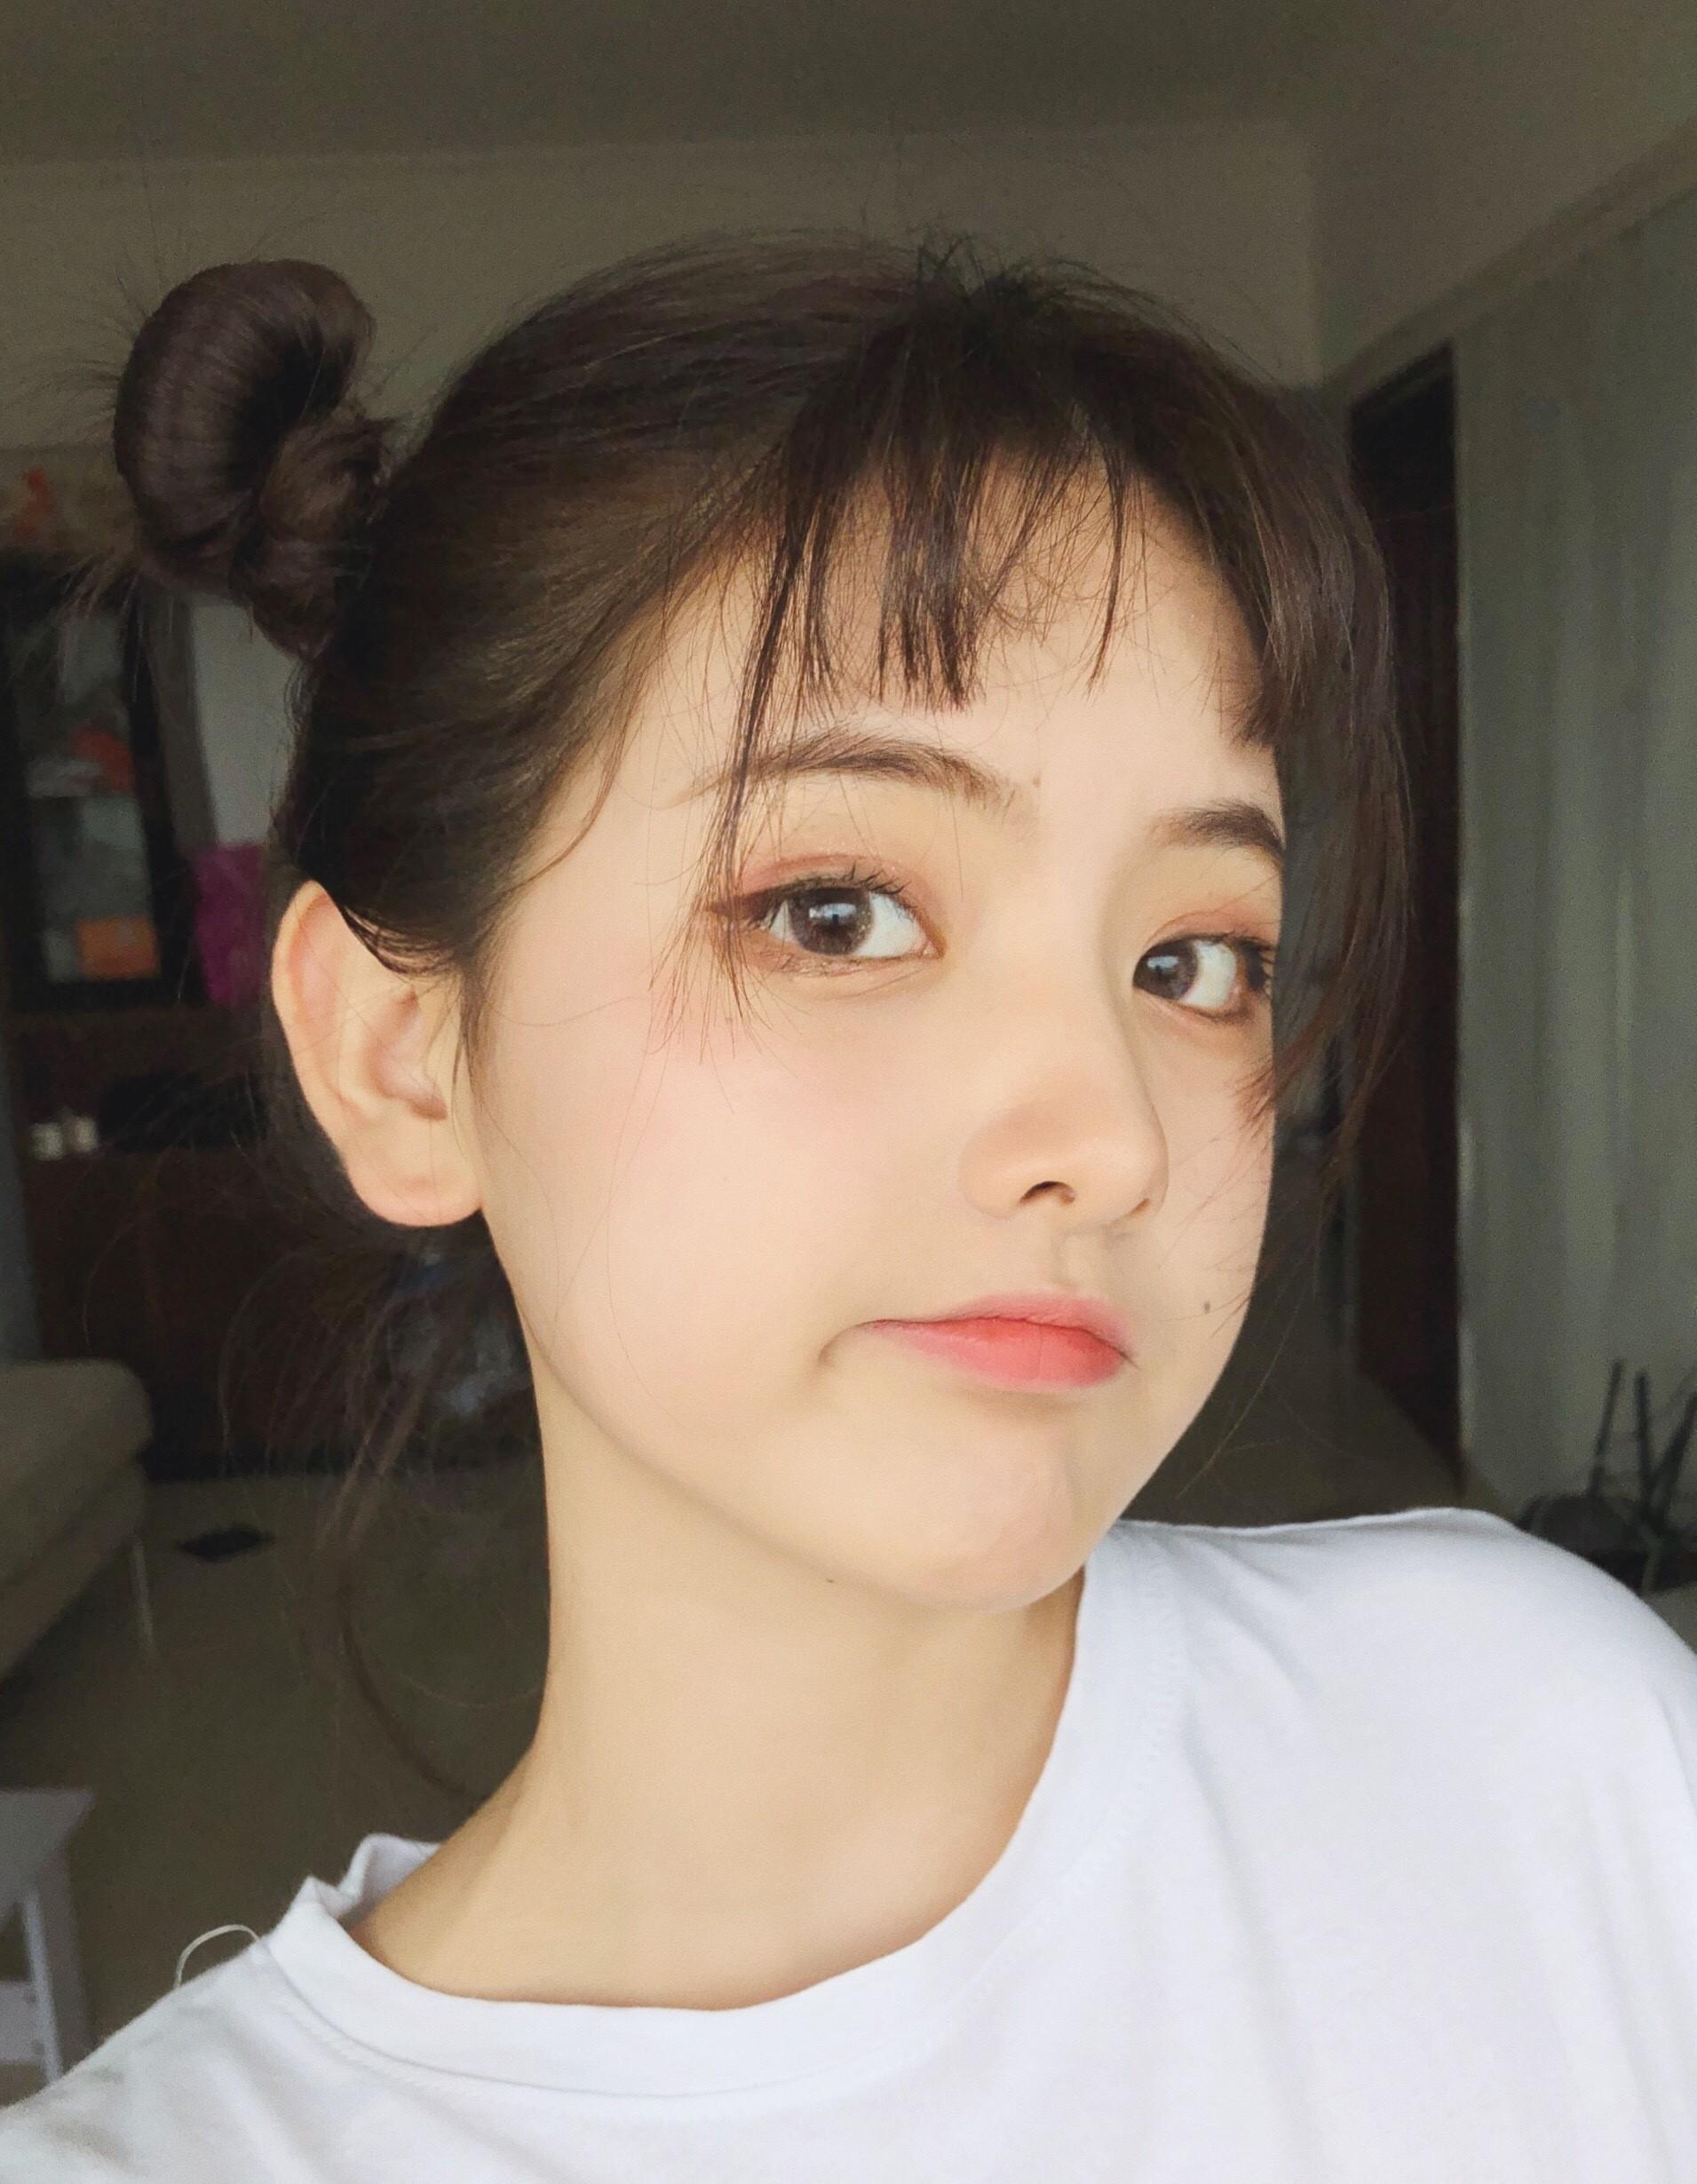 Nữ sinh 21 tuổi được mệnh danh IU phiên bản Trung khiến cả con trai lẫn con gái xin gia nhập fanclub - Ảnh 1.